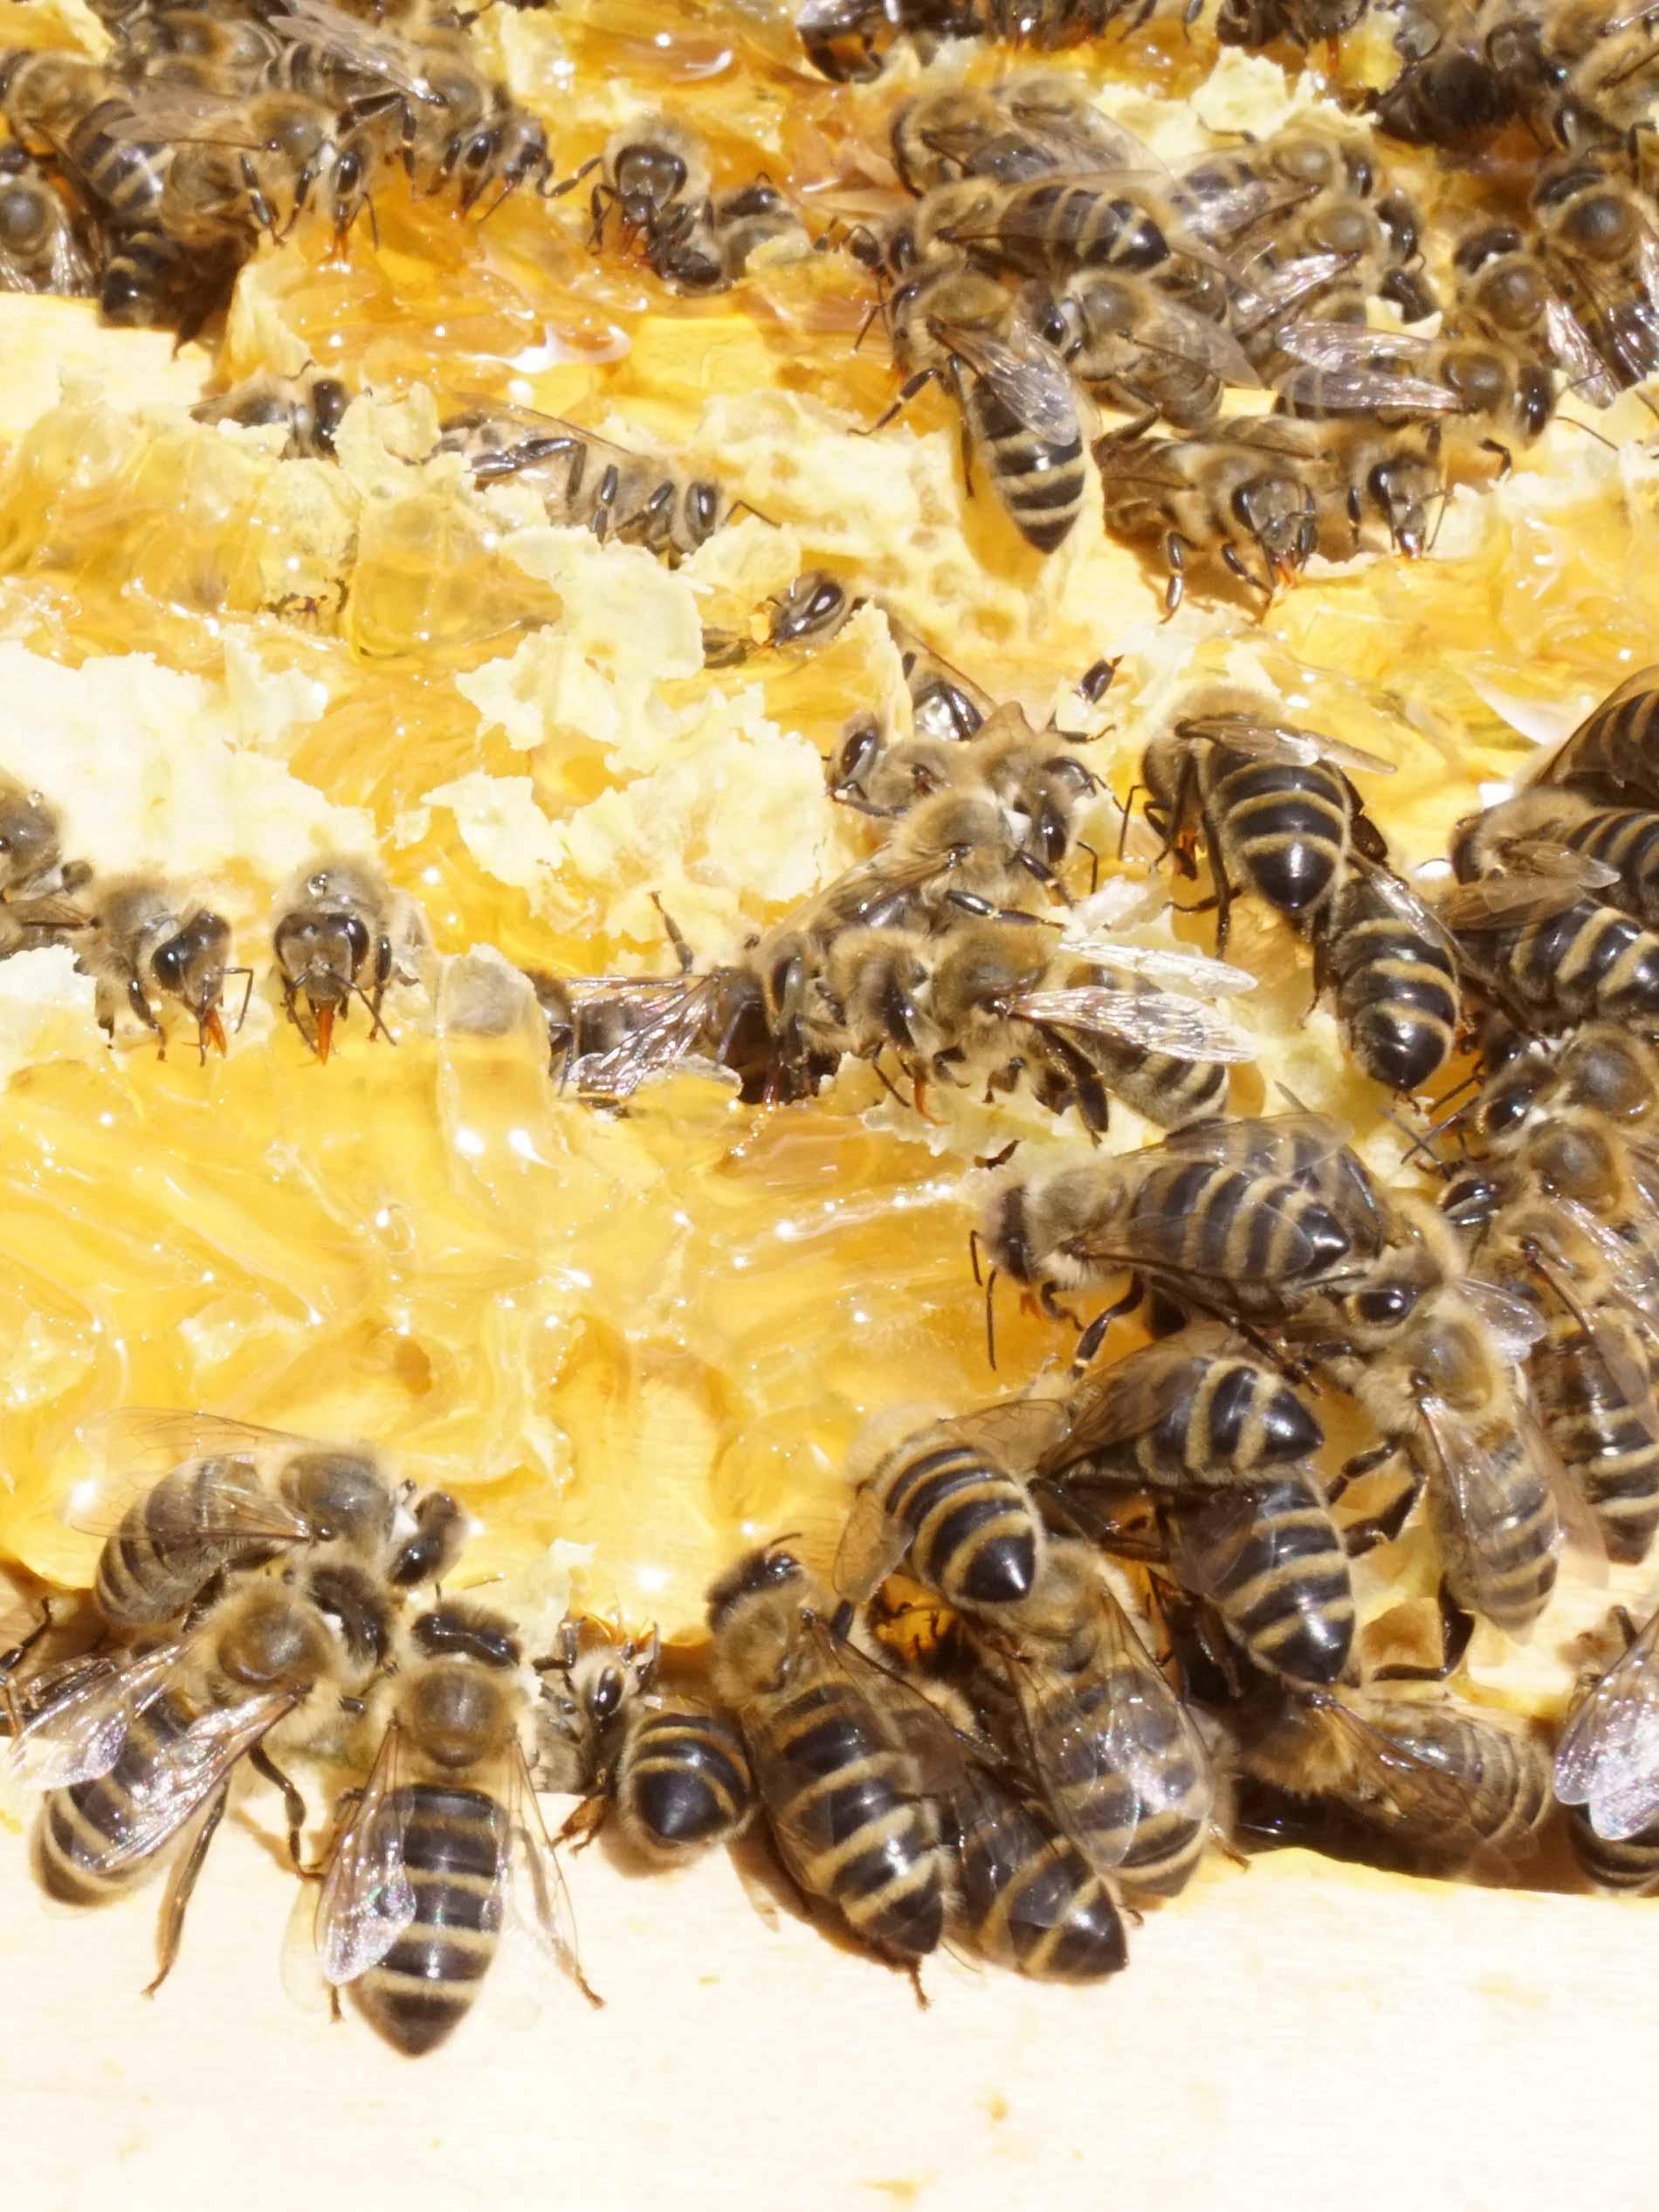 Das Bienenvolk sammelt den Honig aus den offenen Waben   mey®